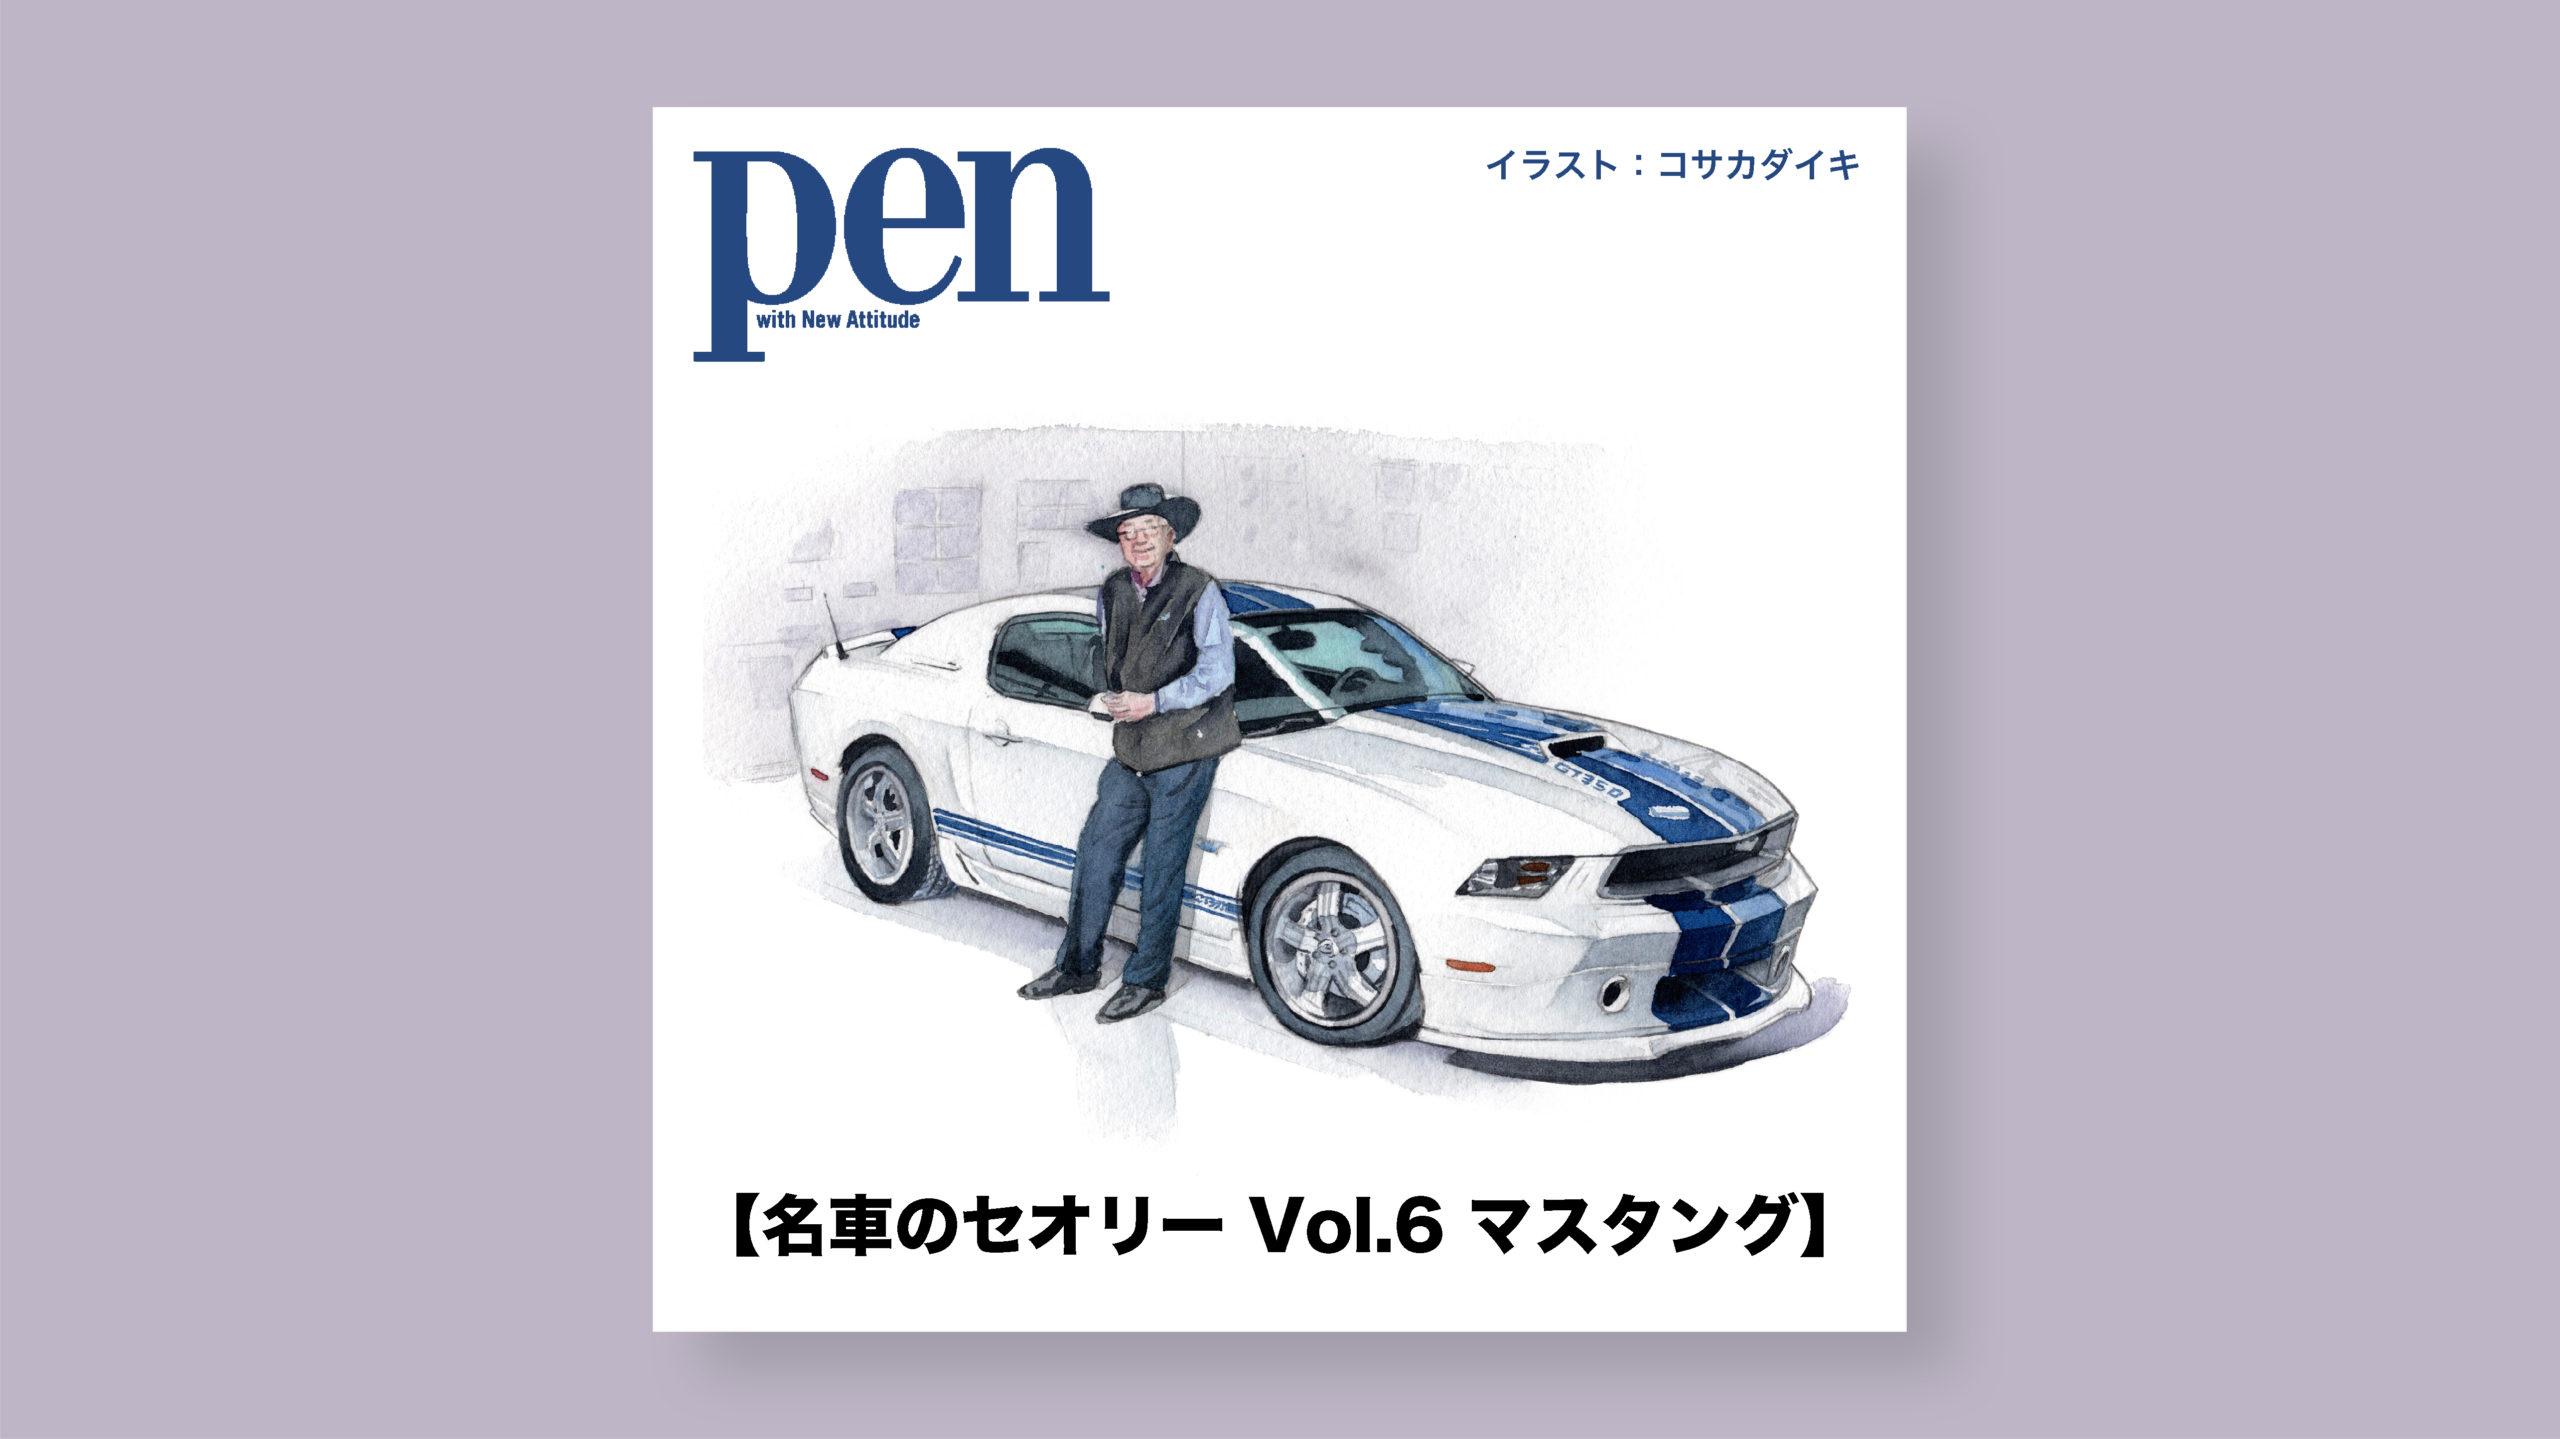 雑誌 Pen オンライン アメリカンカルチャーの象徴となった、唯一無二のスペシャリティカー【名車のセオリー Vol.6 フォード マスタング】車イラスト